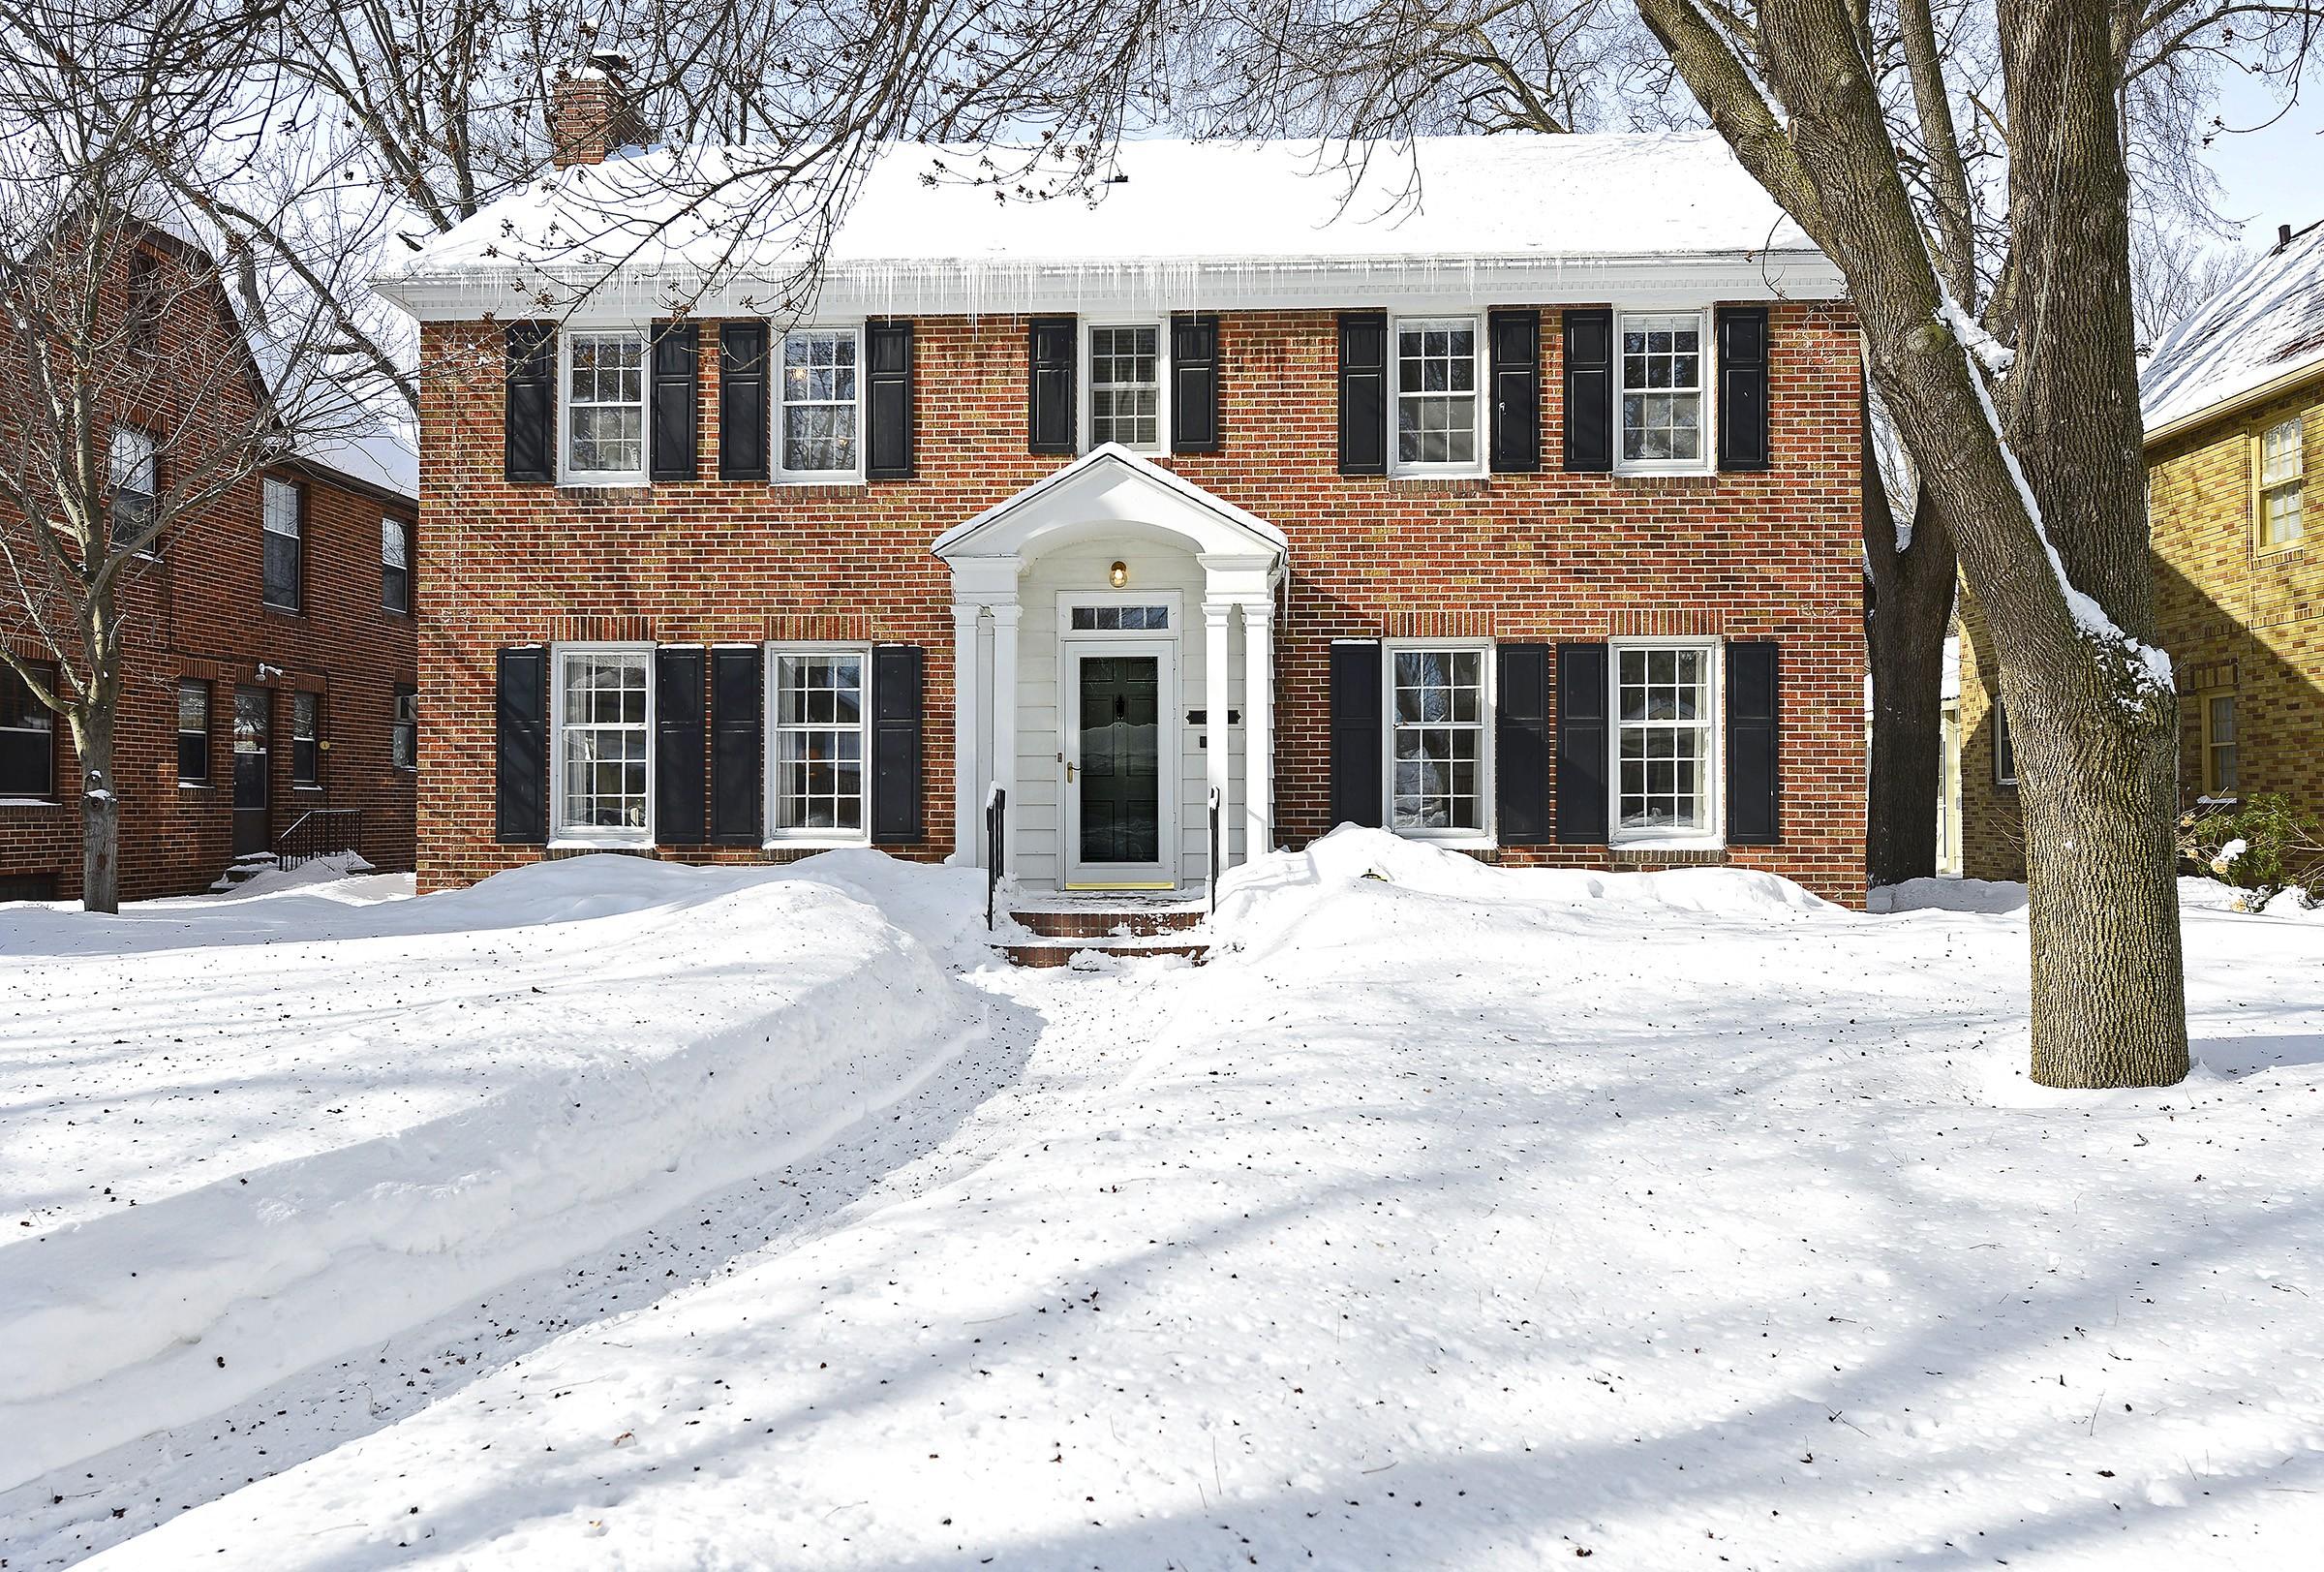 Linden Hills 3906 Zenith exterior 6.23.15.jpg